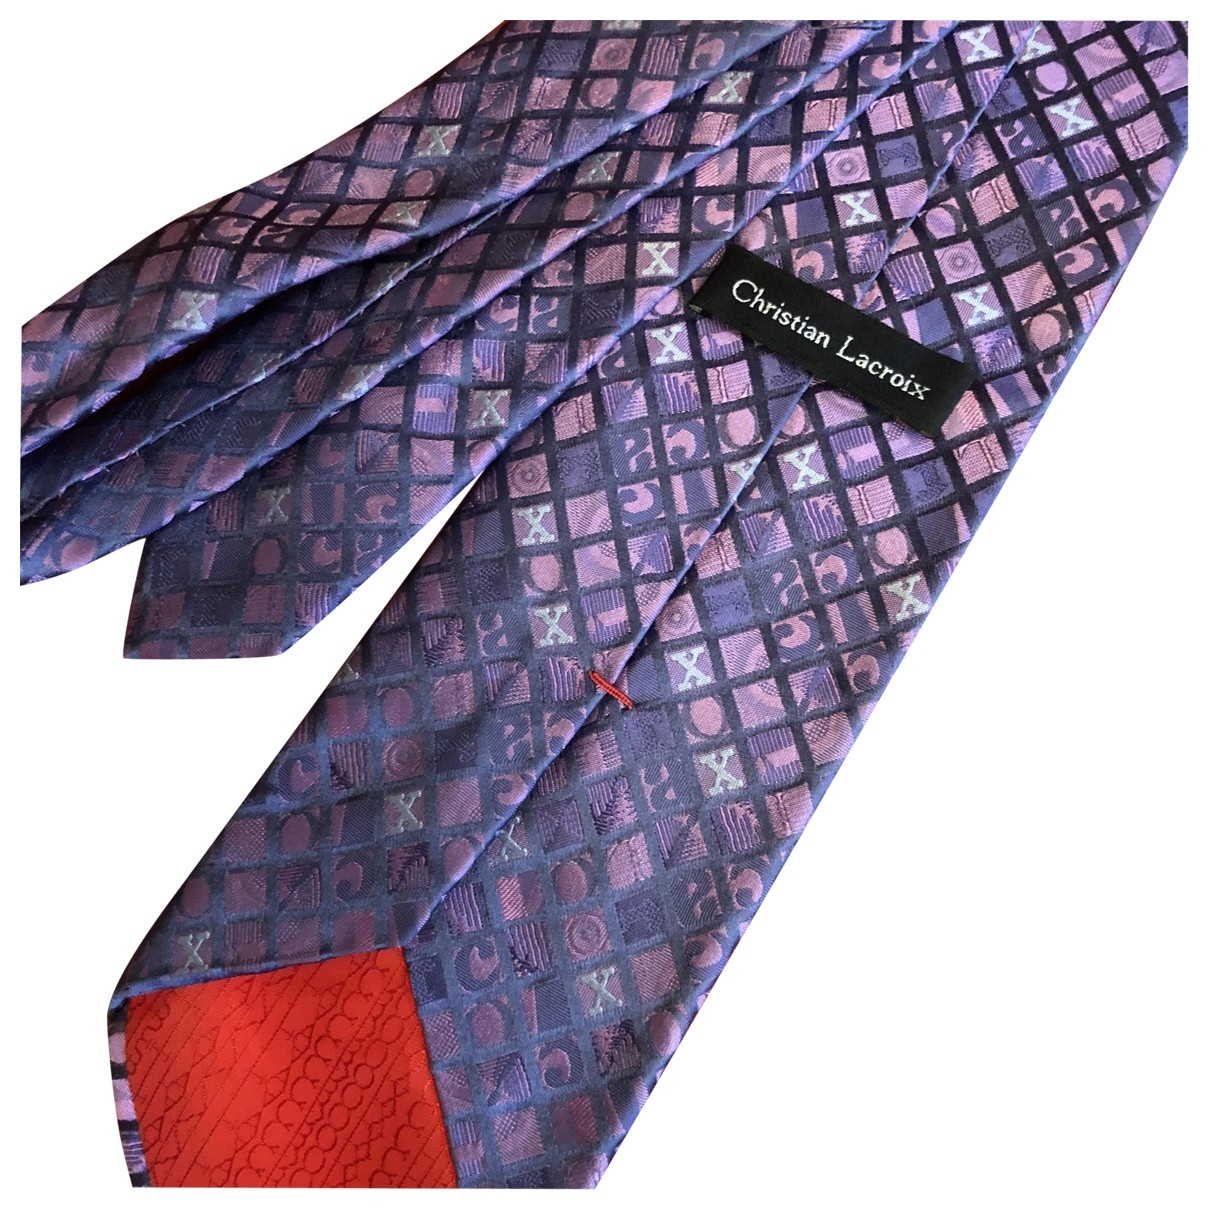 Corbata de Seda Christian Lacroix